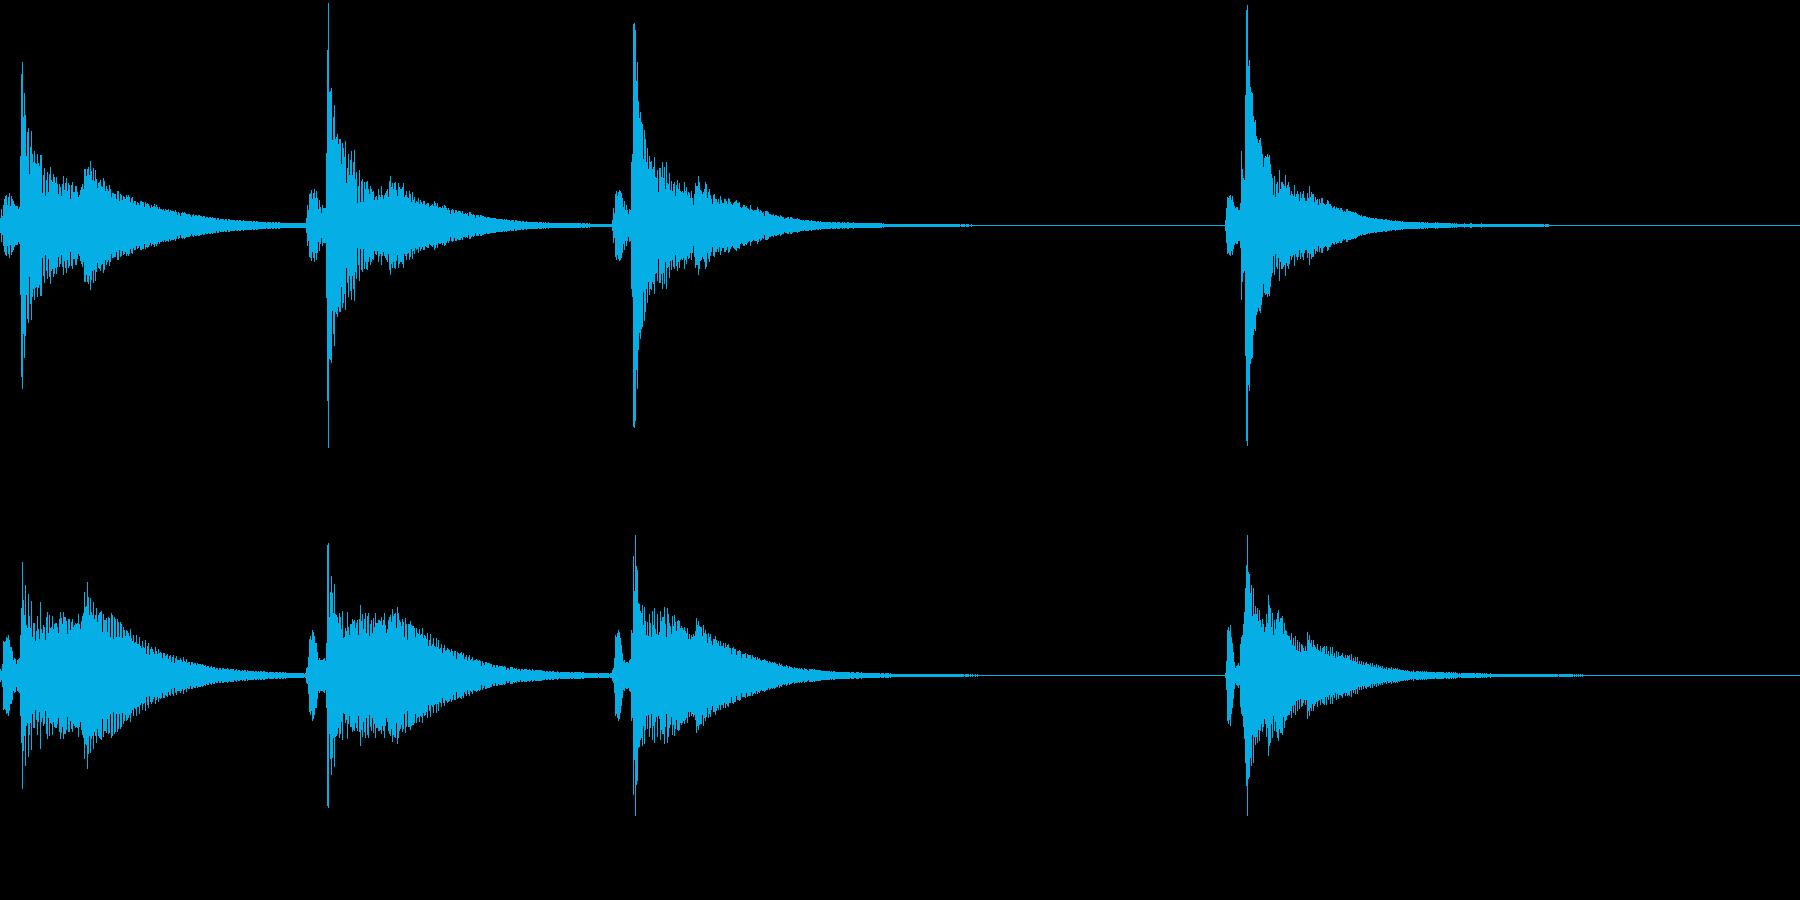 Kawaii メルヘンな受信・通知音 3の再生済みの波形